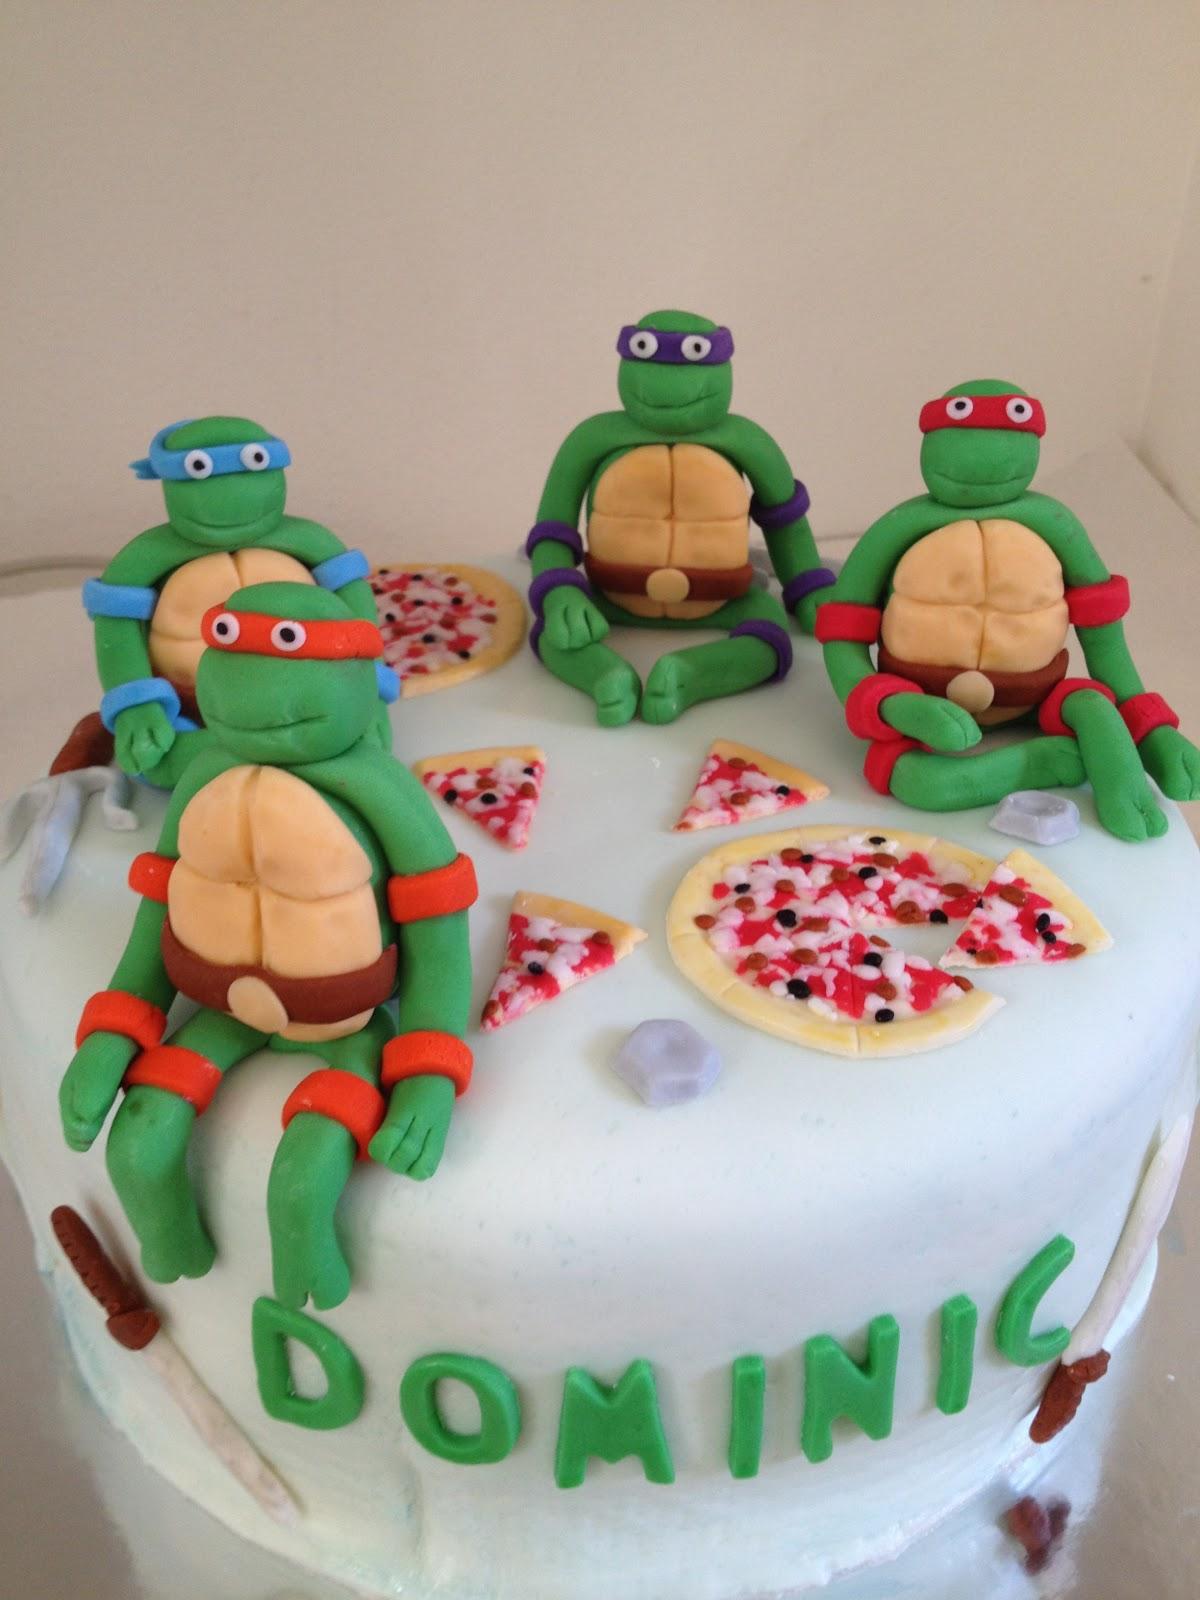 Crispy S Cakes